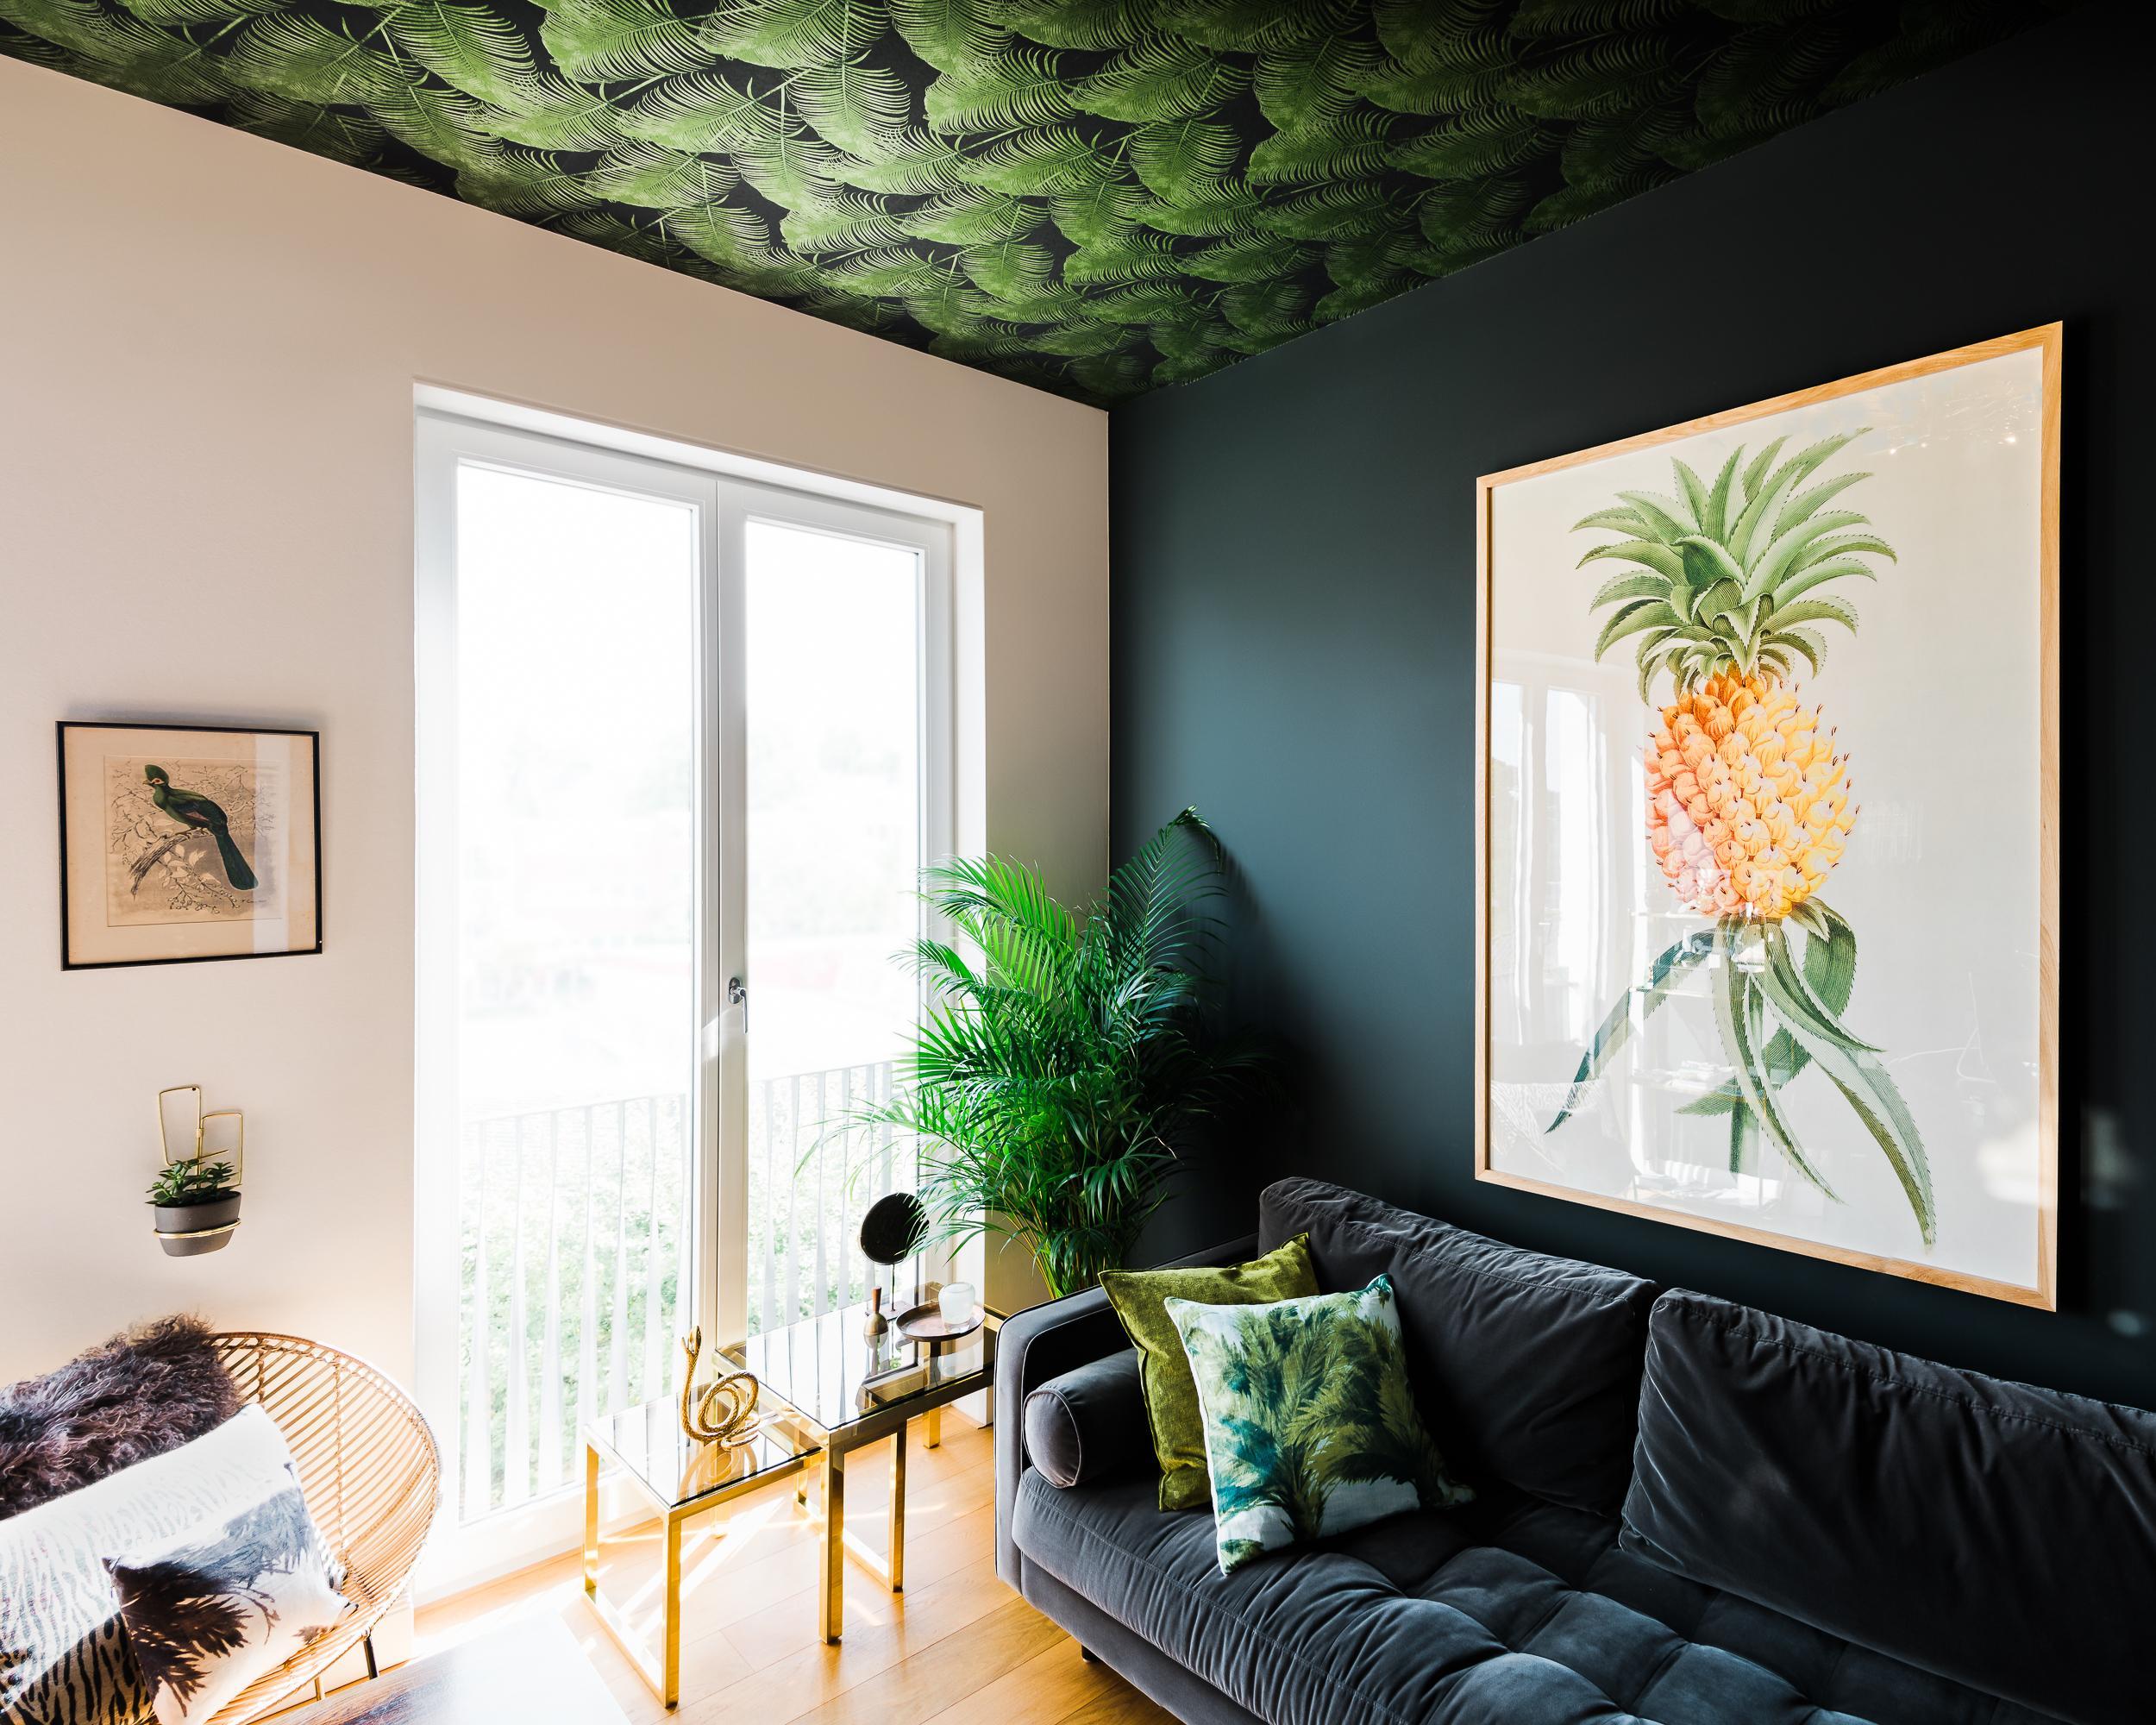 Moderne luxus arbeitszimmer  Bodentiefe Fenster • Bilder & Ideen • COUCHstyle